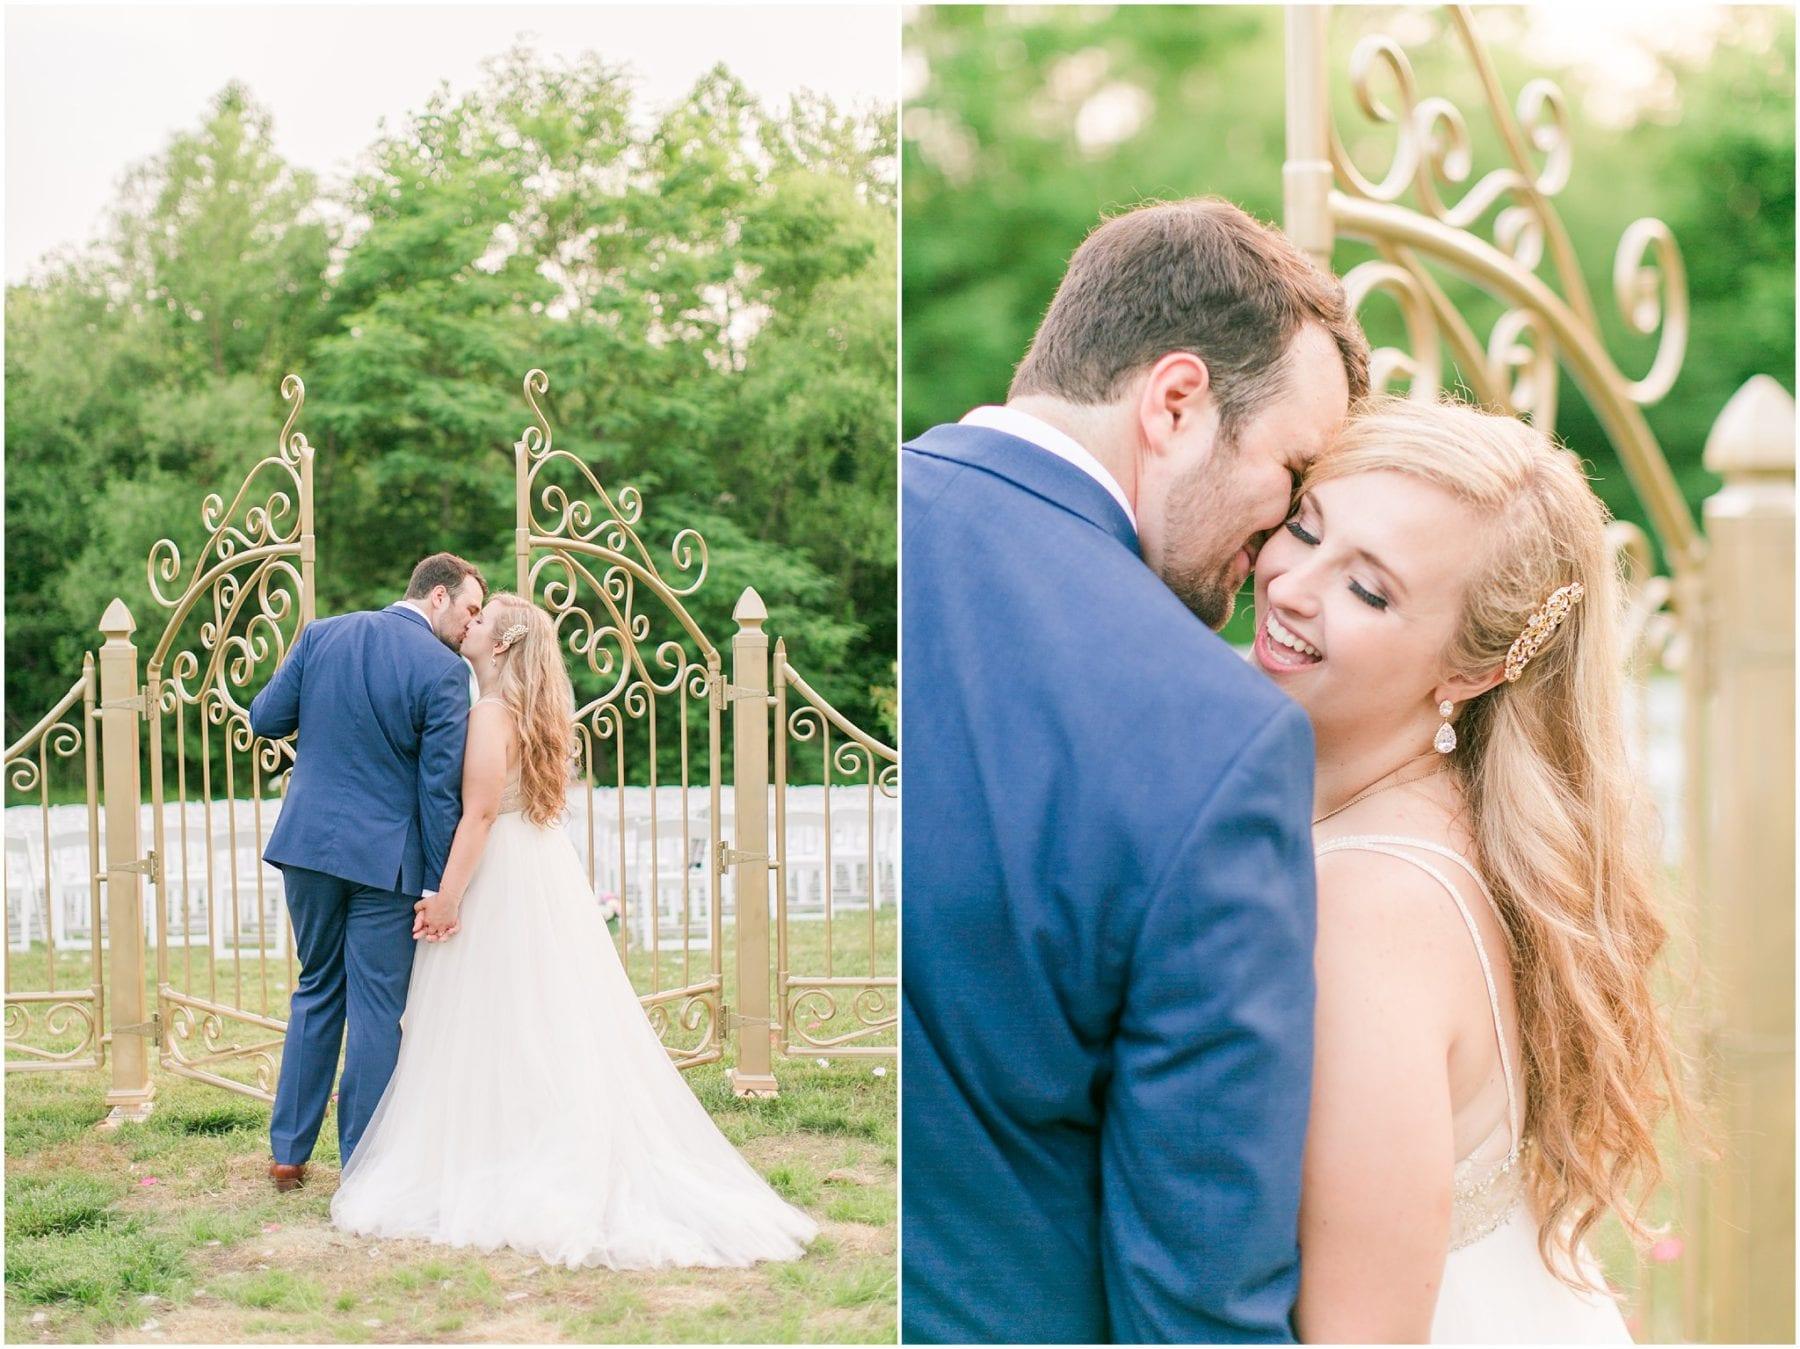 Maryland Backyard Wedding Photos Kelly & Zach Megan Kelsey Photography-282.jpg